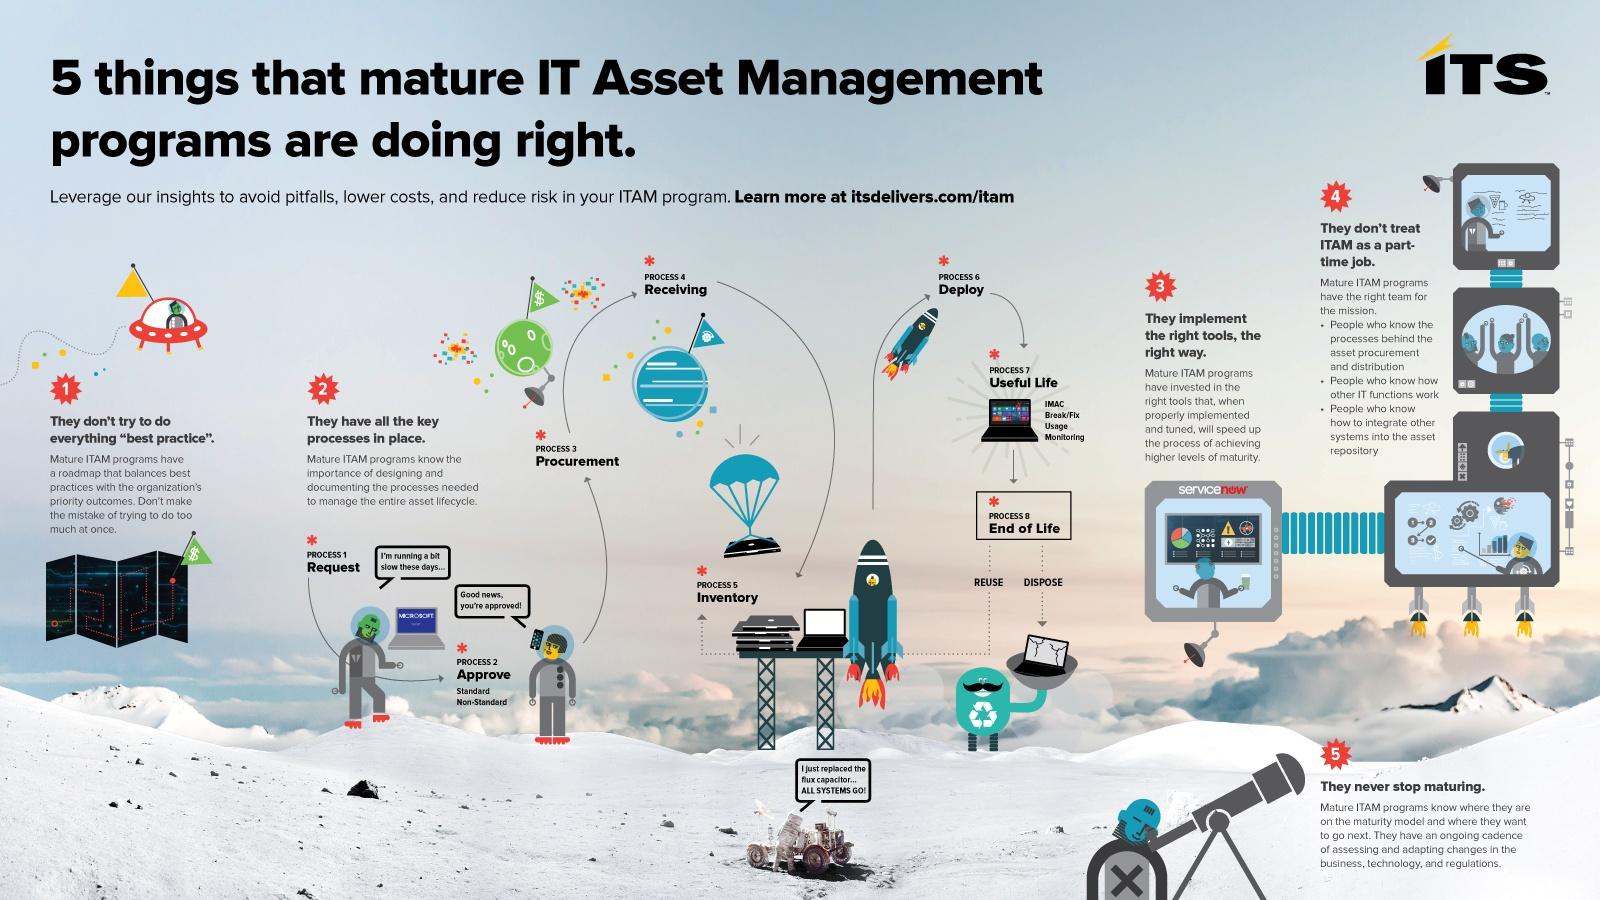 ITAM-Infographic---5-Things-Mature-ITAM